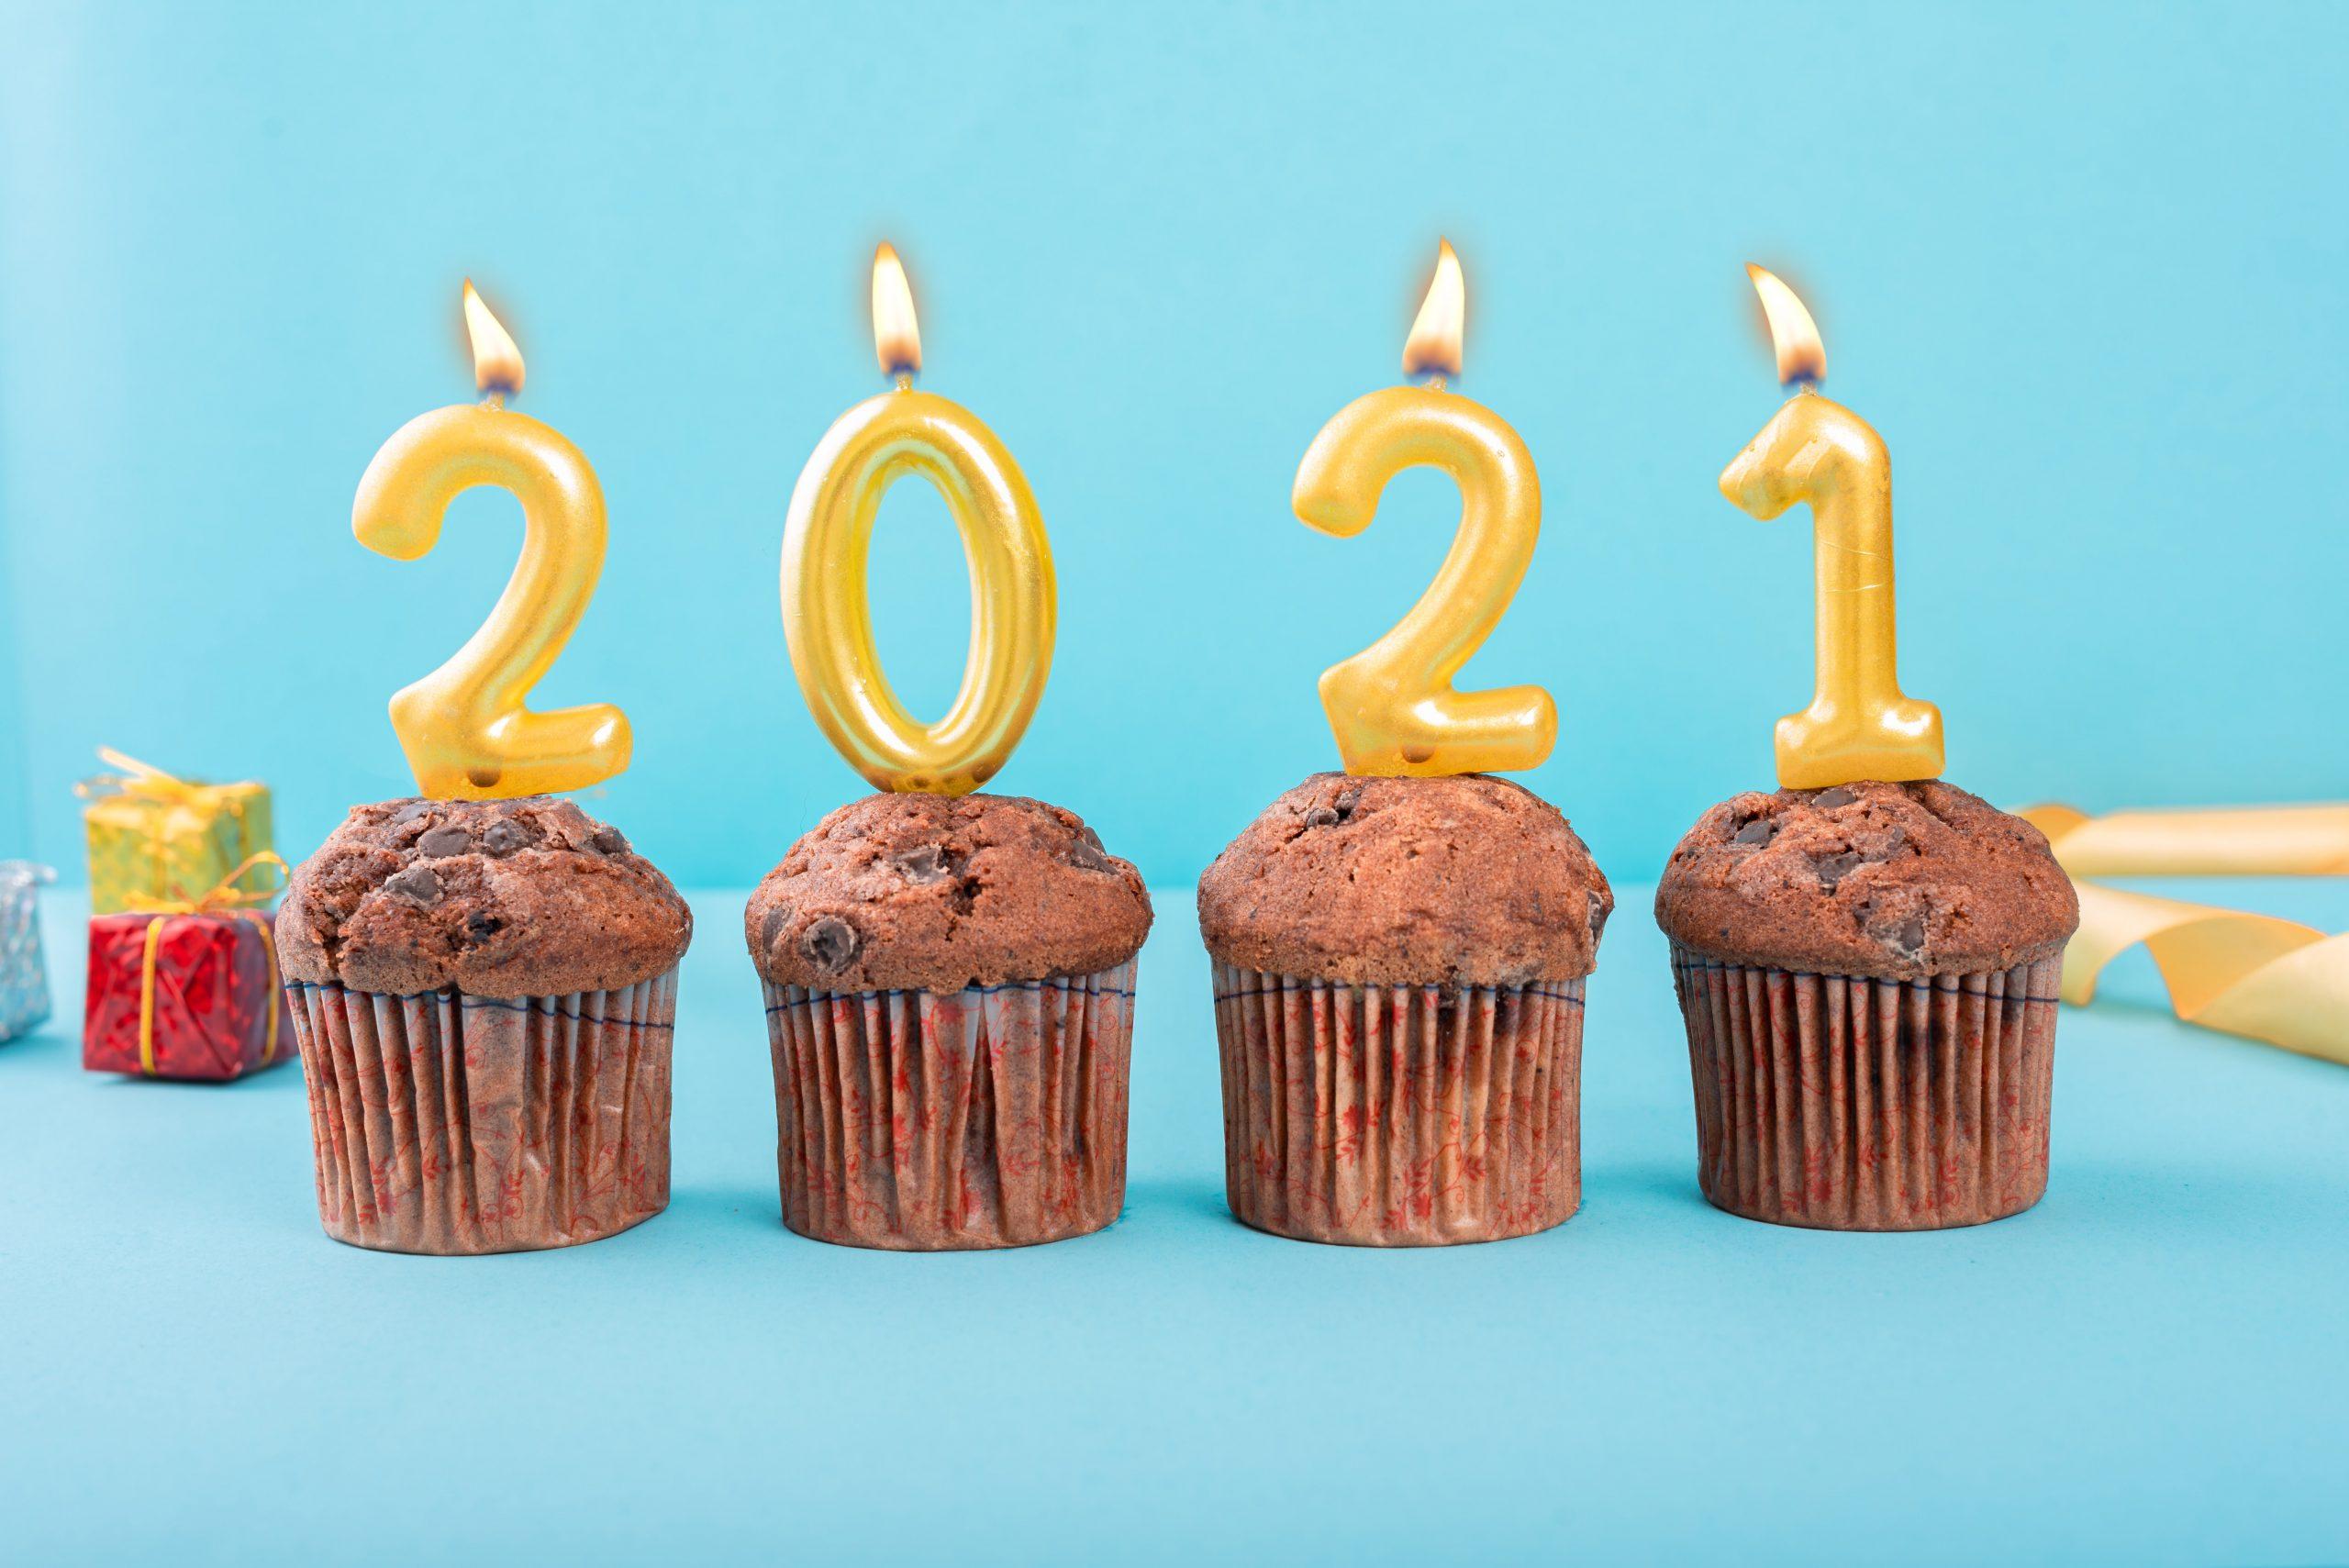 Świeczki na muffinkach, fot. unplash.com